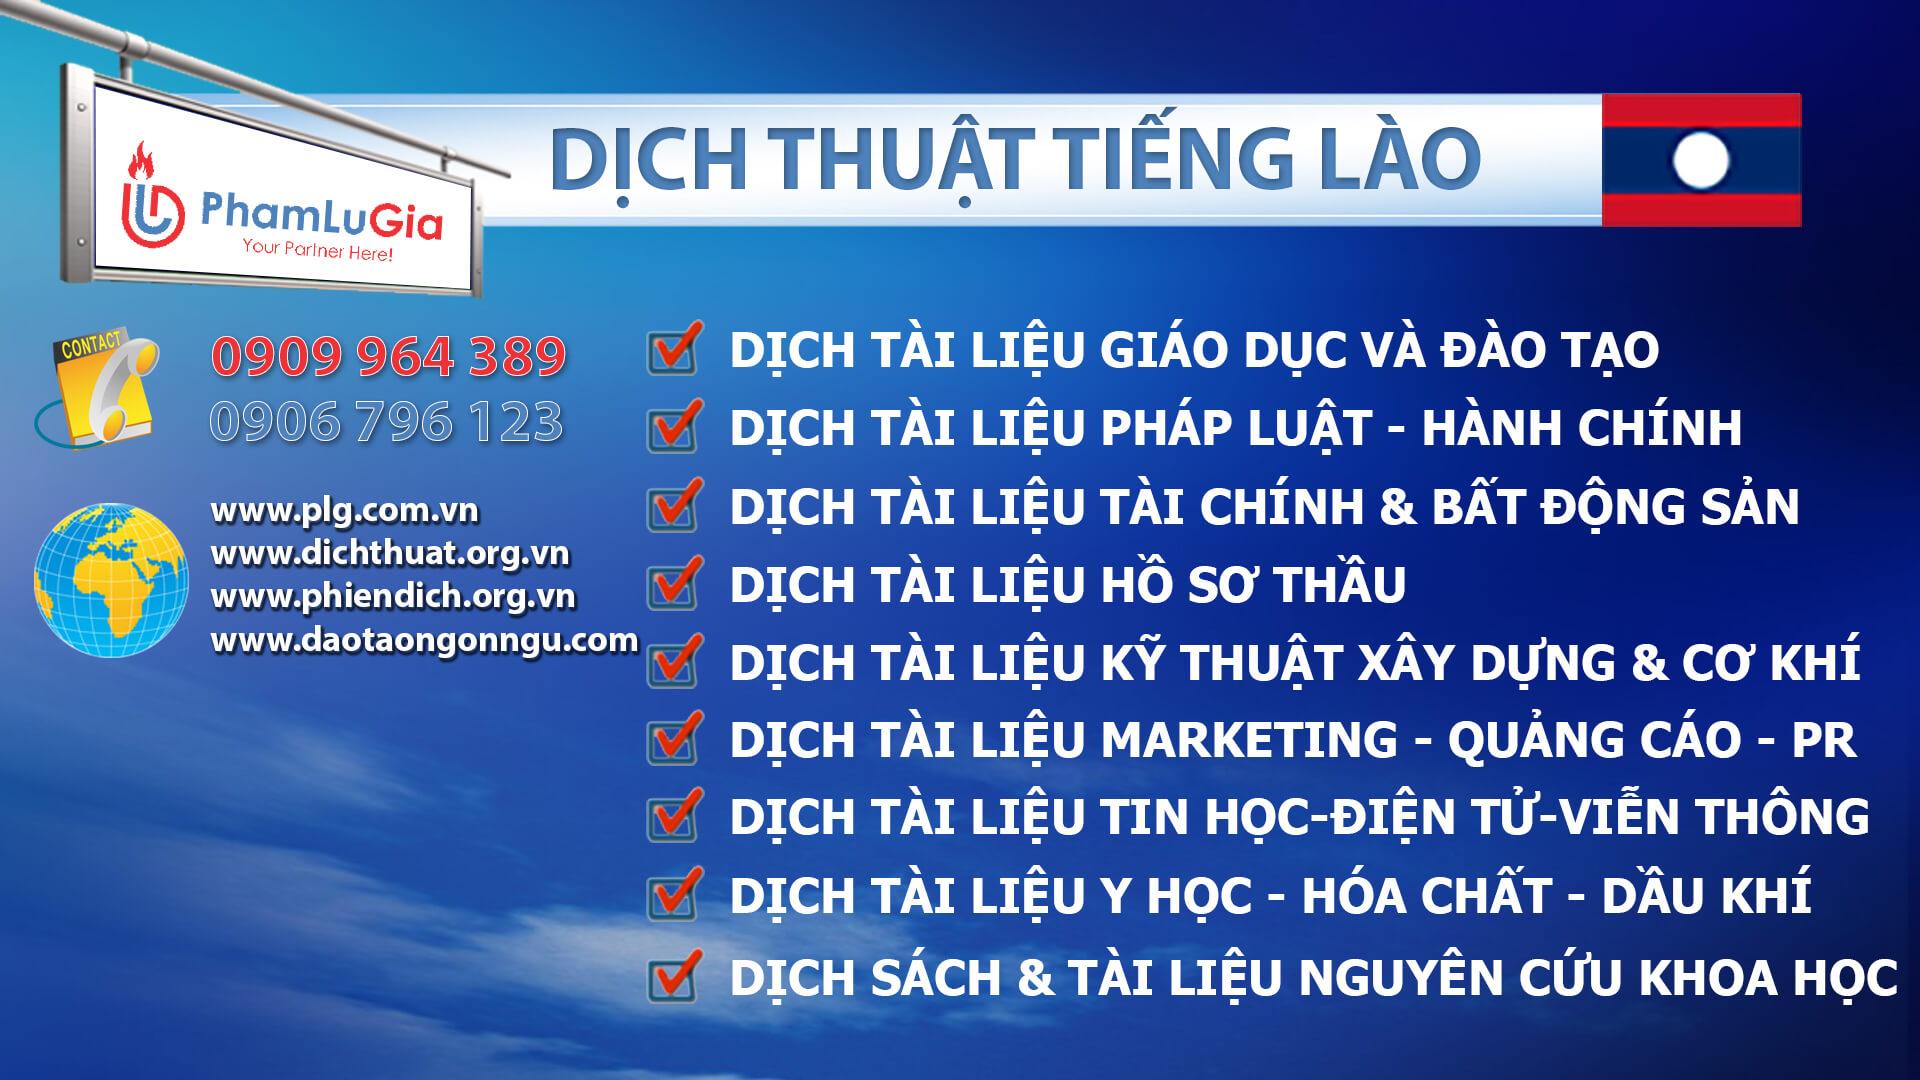 Dịch thuật tiếng Lào chuyên ngành